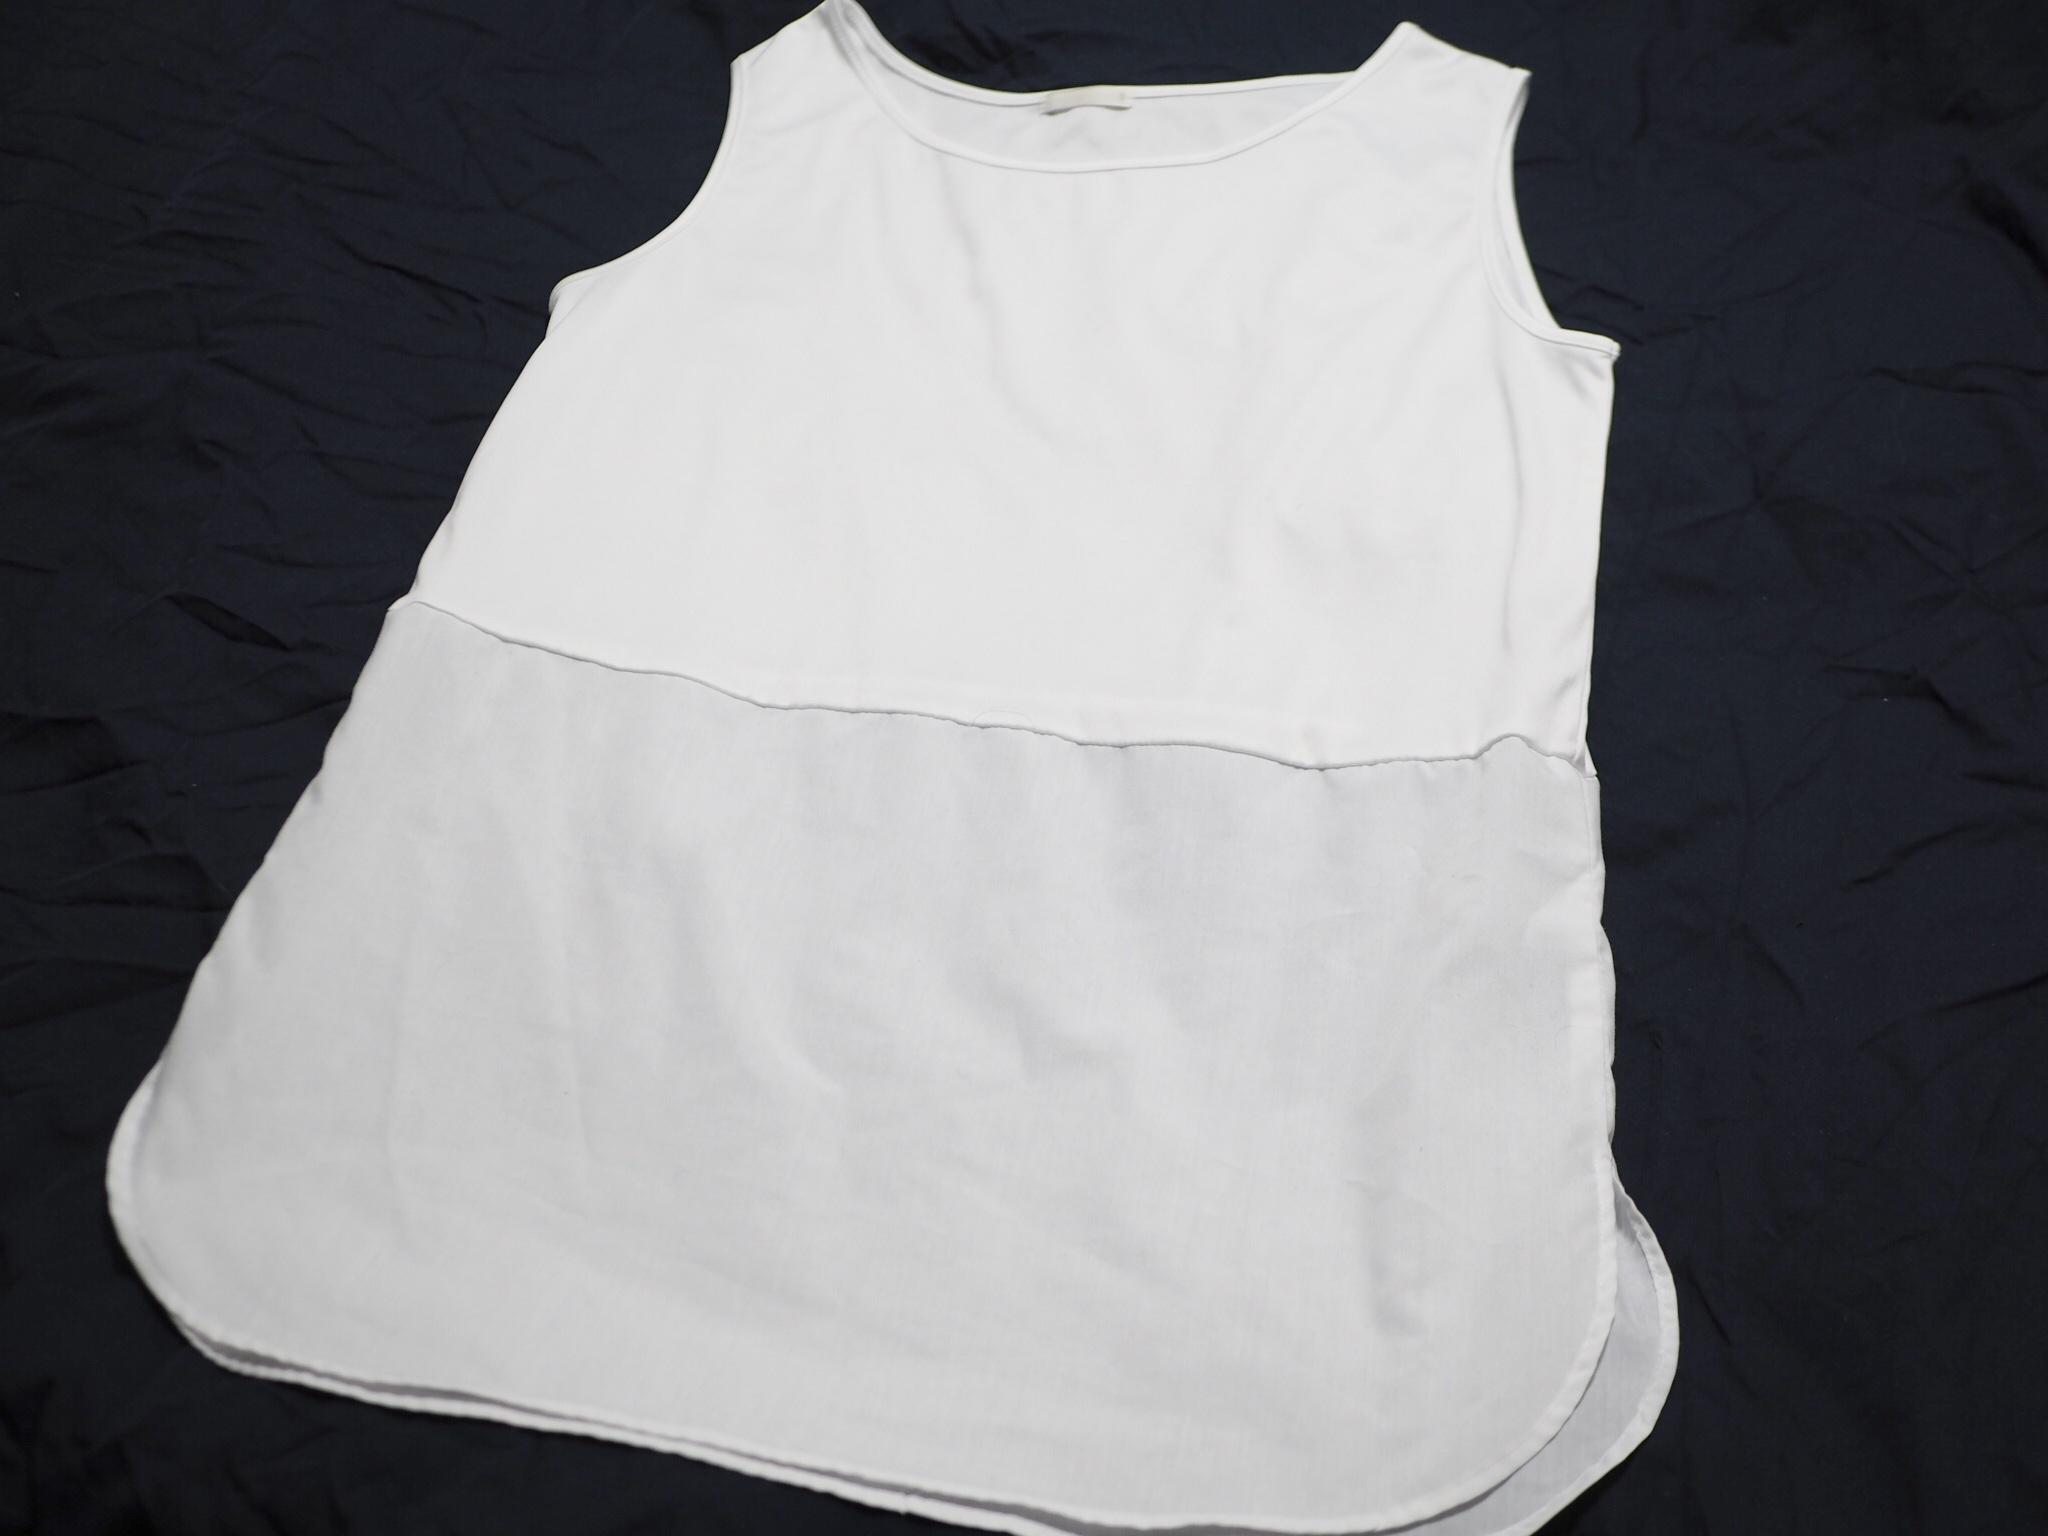 【GU】今から春までそれぞれ使える!レイヤードシャツ風タンク&ニット♡_2